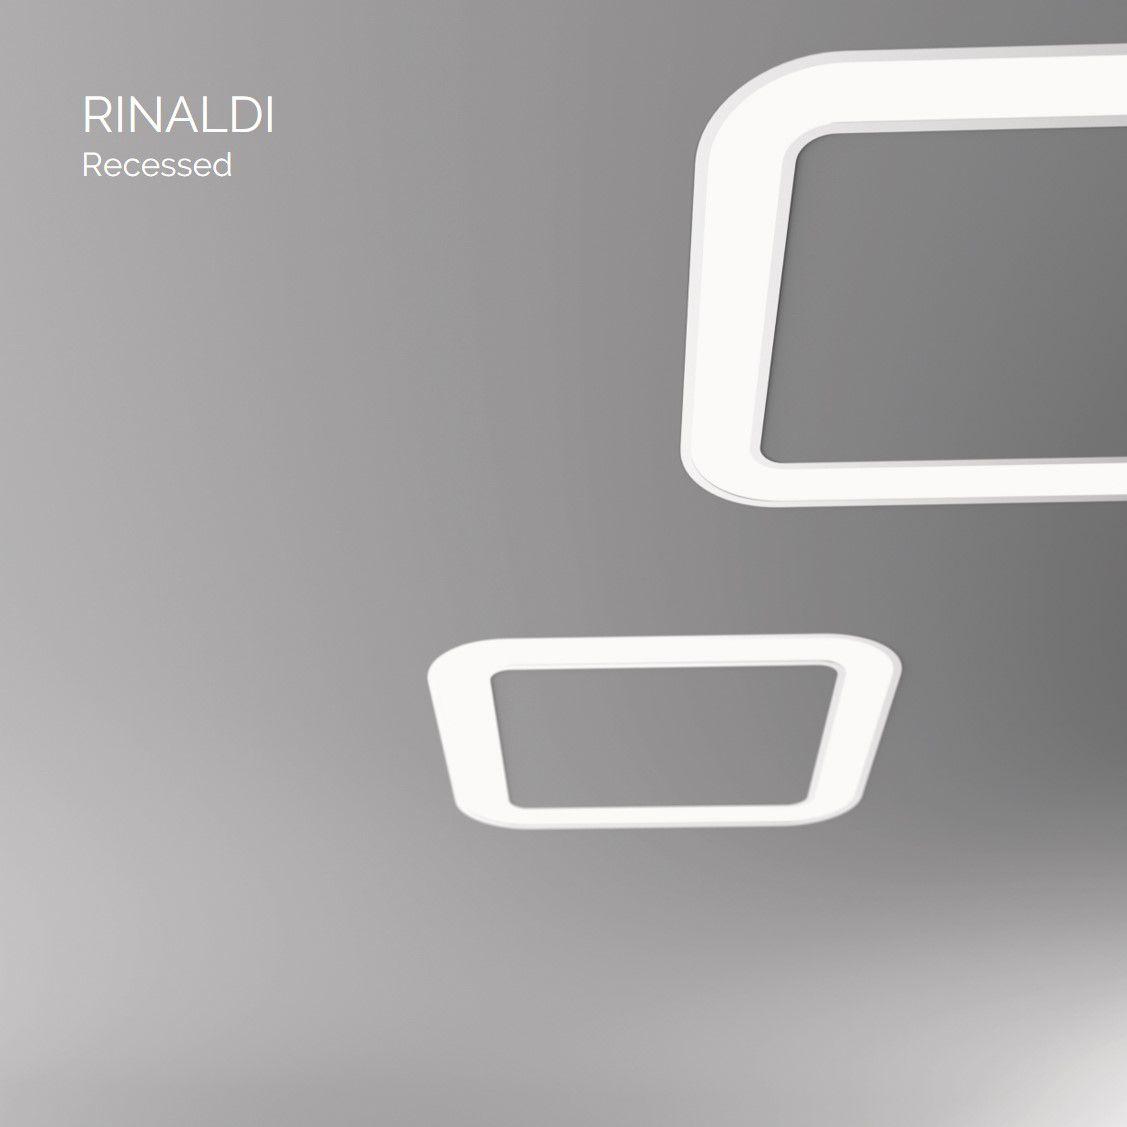 rinaldi inbouw armatuur vierkant 600mm 3000k 2778lm 35w fix